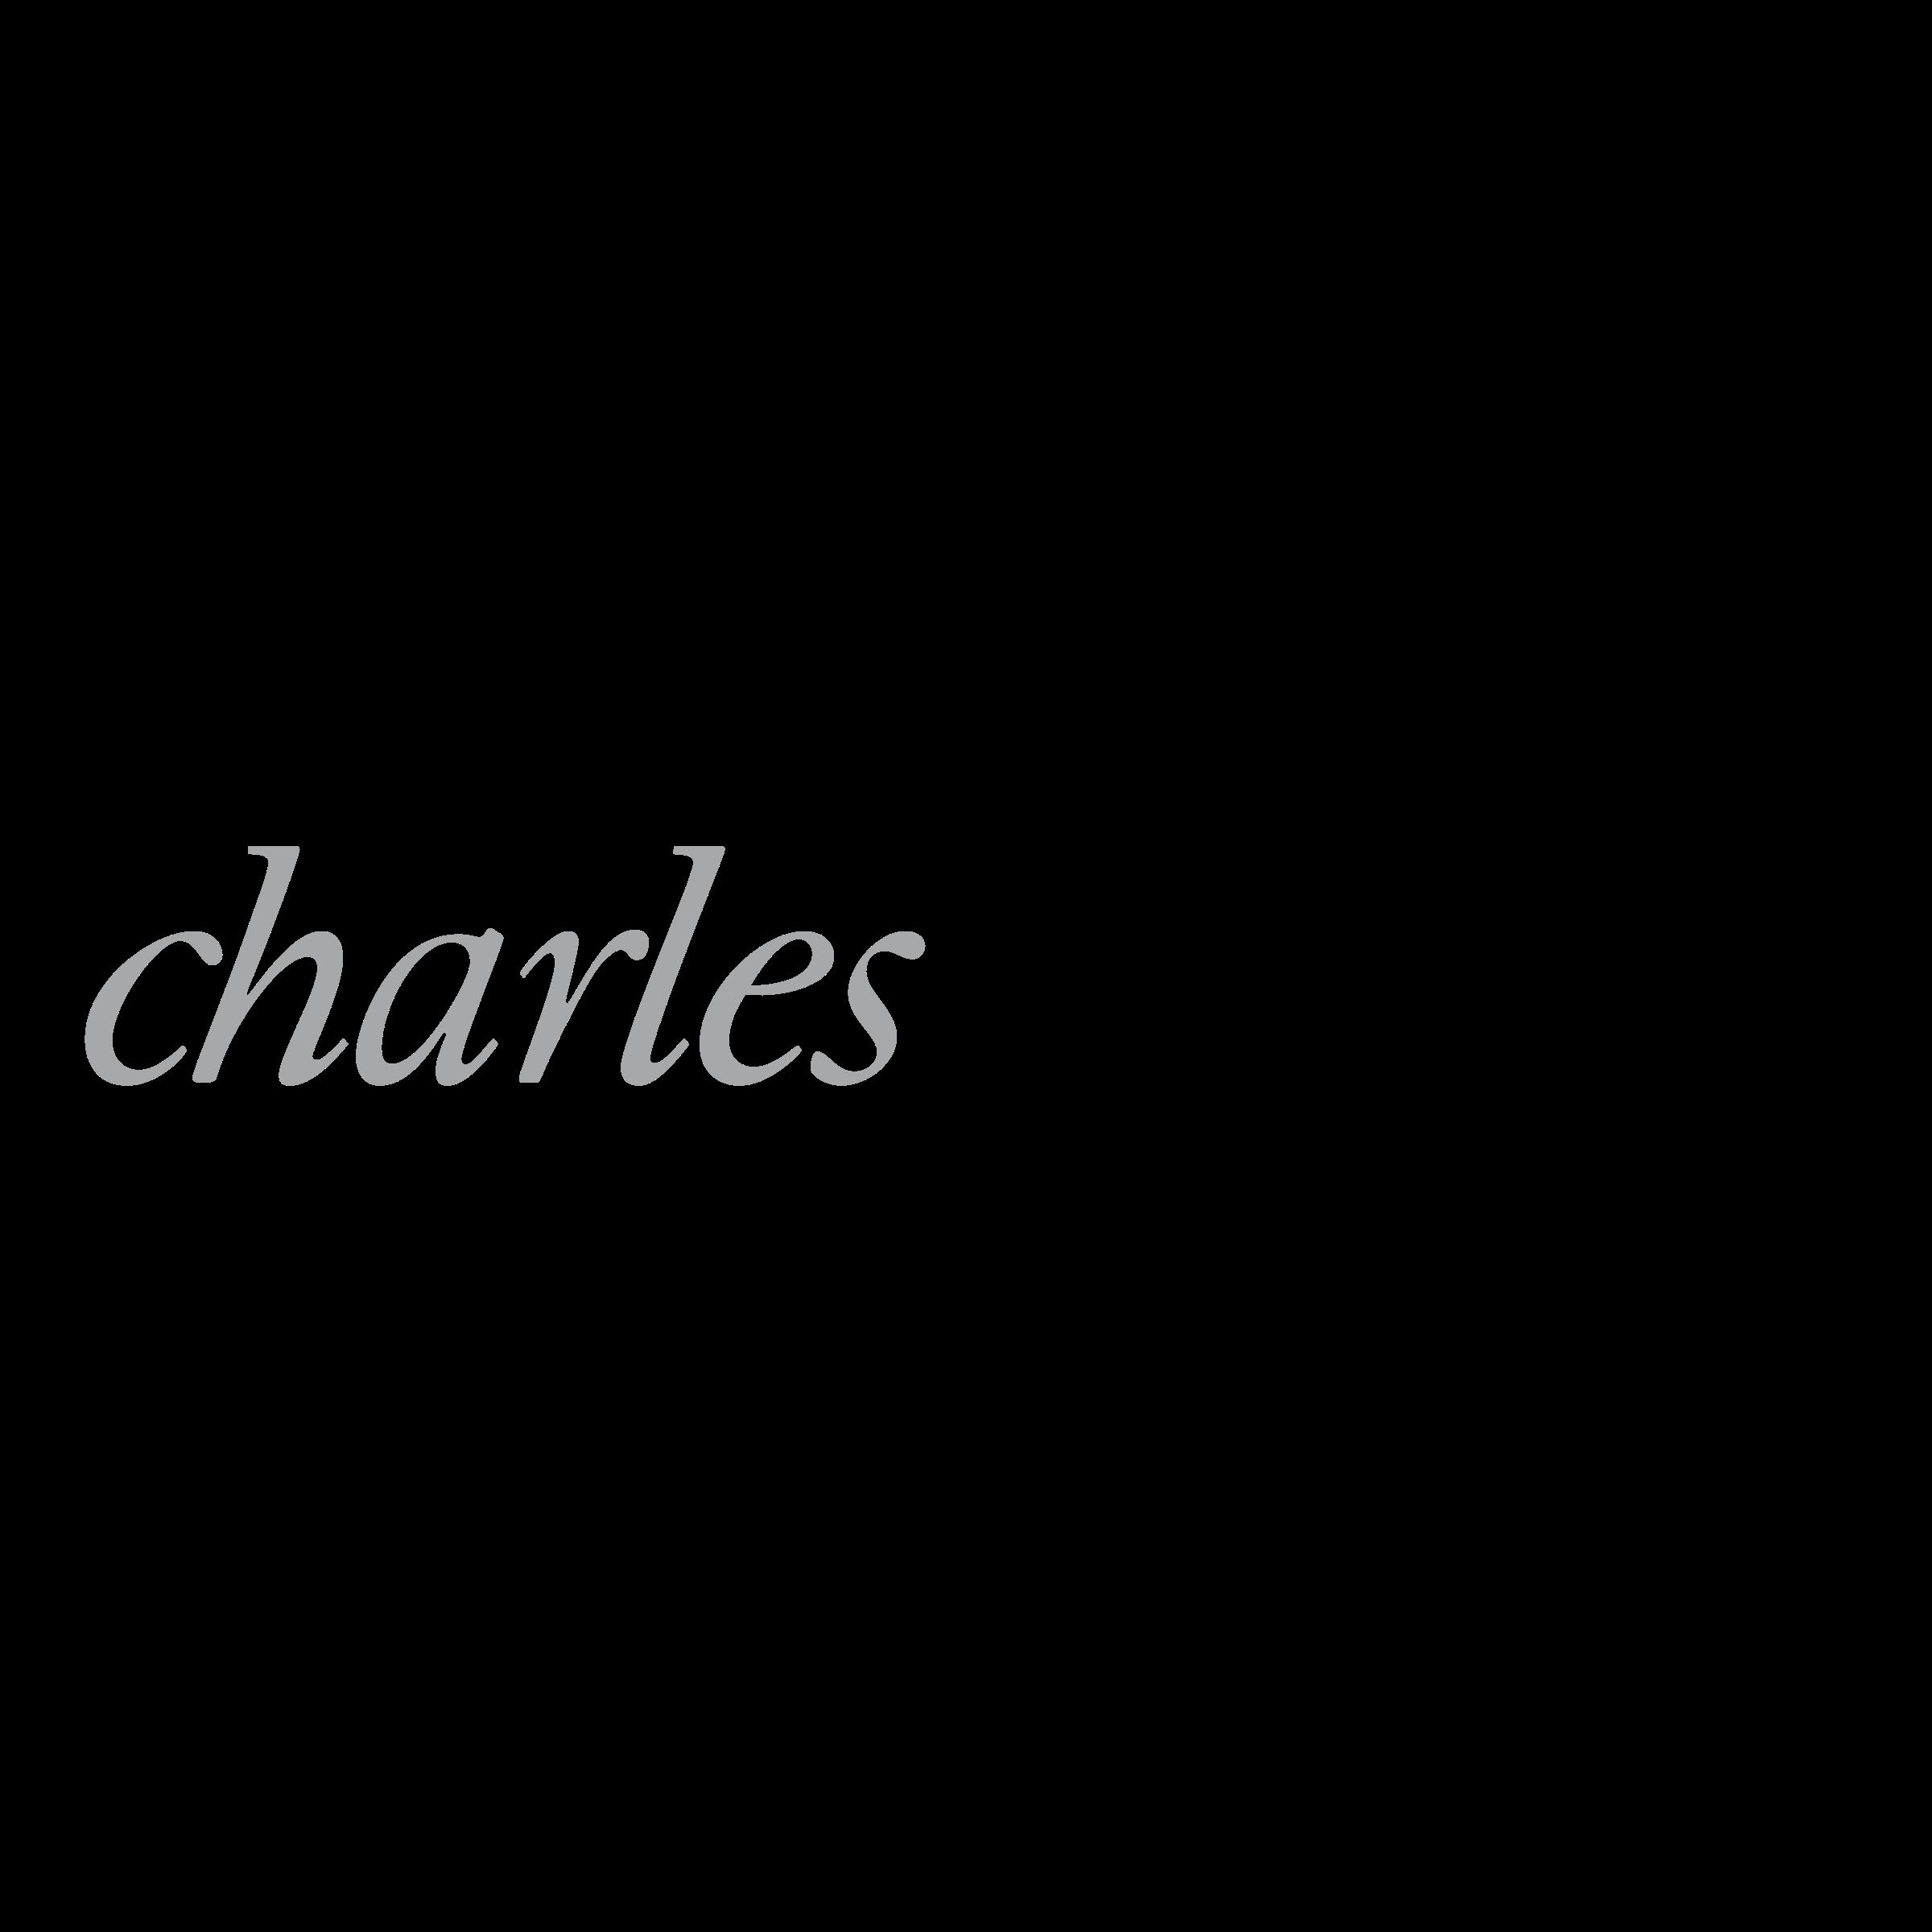 Charles Schwab Logo PNG Transparent & SVG Vector.